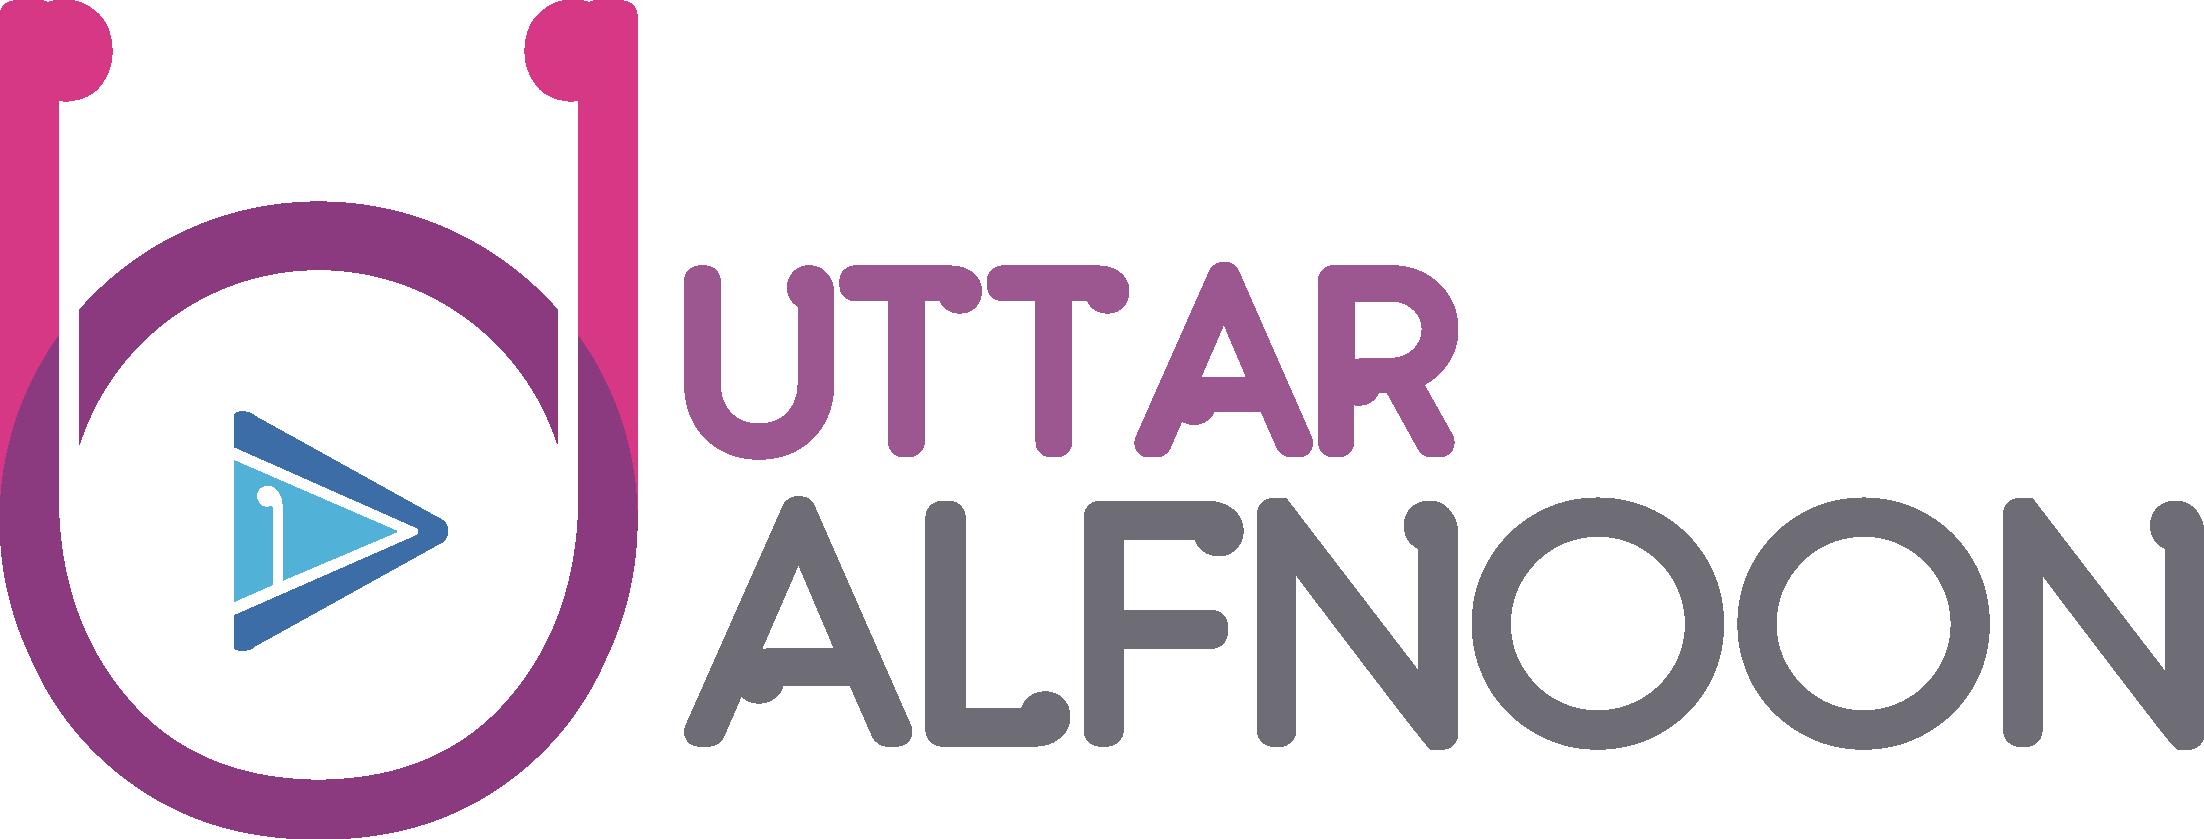 شركة اوتار الفنون للإنتاج الإعلامي المرئي والمسموع